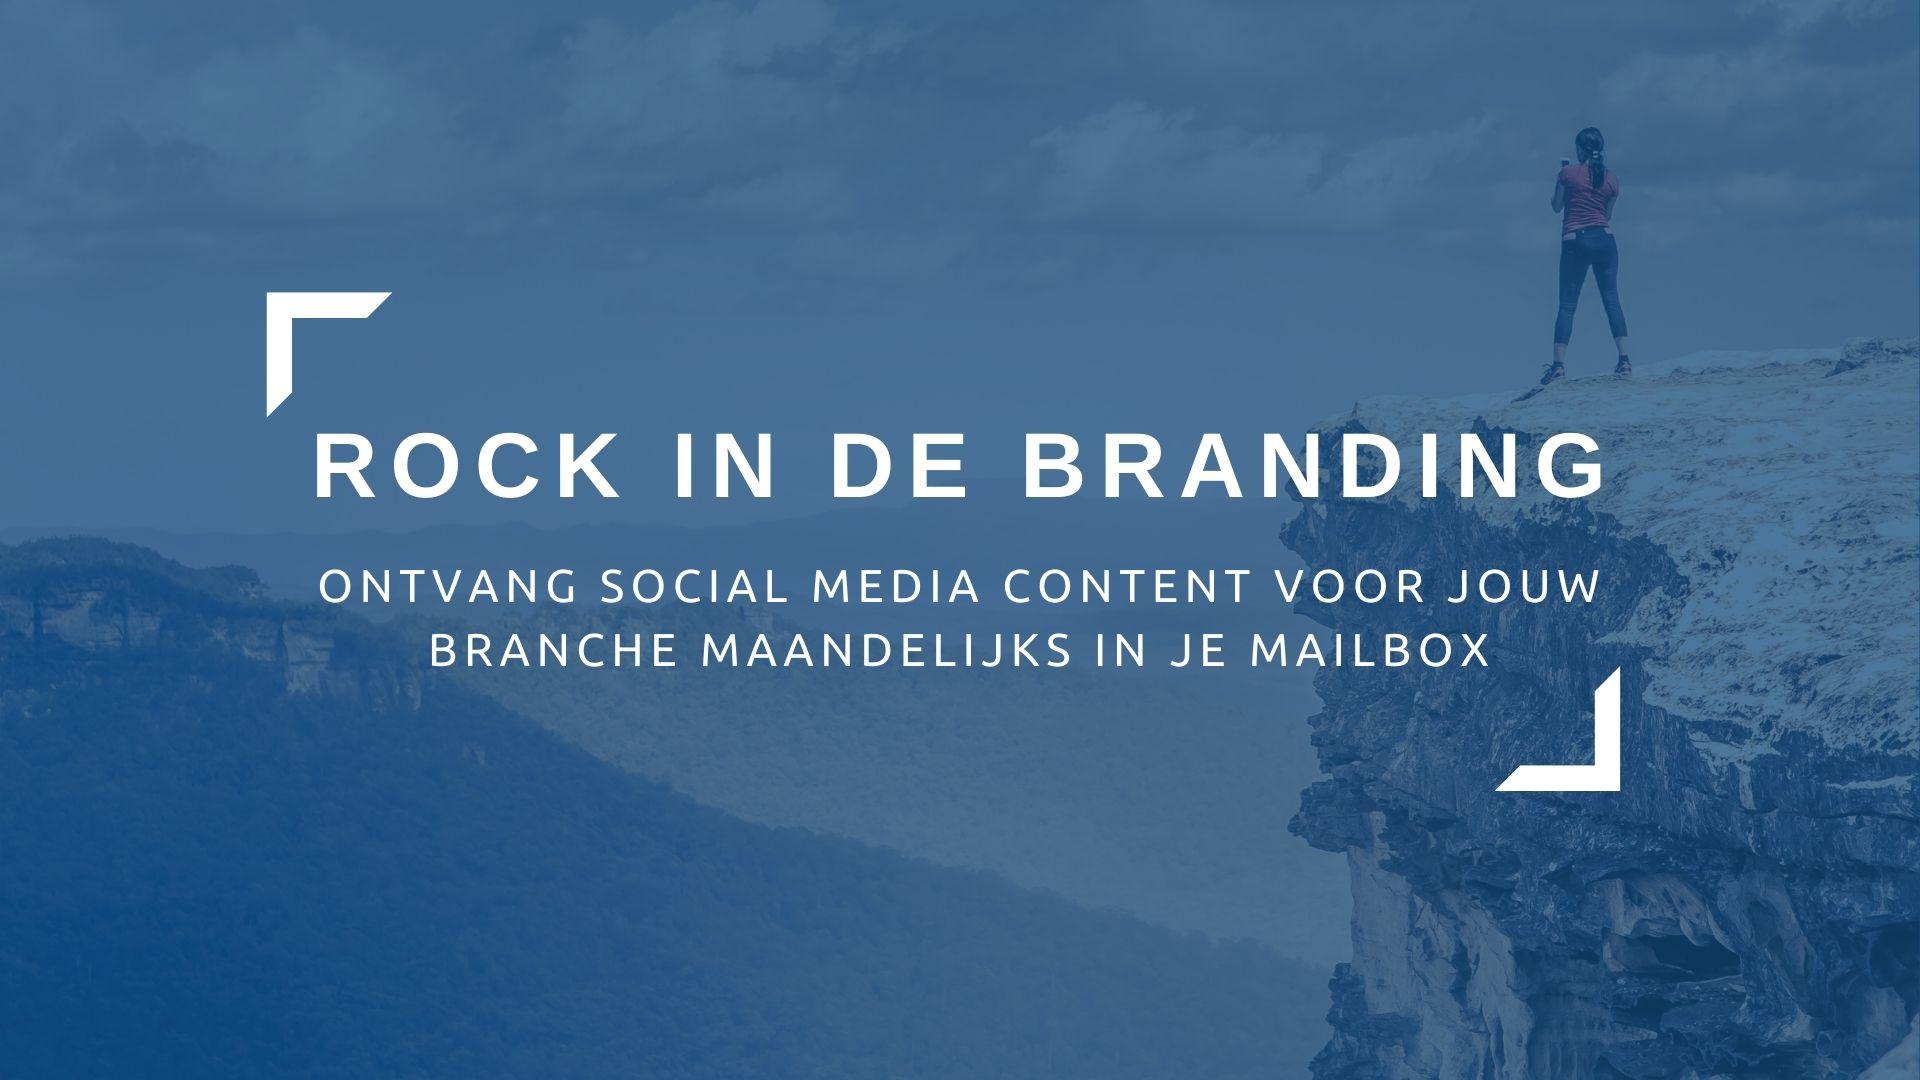 rock in de branding powervrouwen netwerk social media abonnement